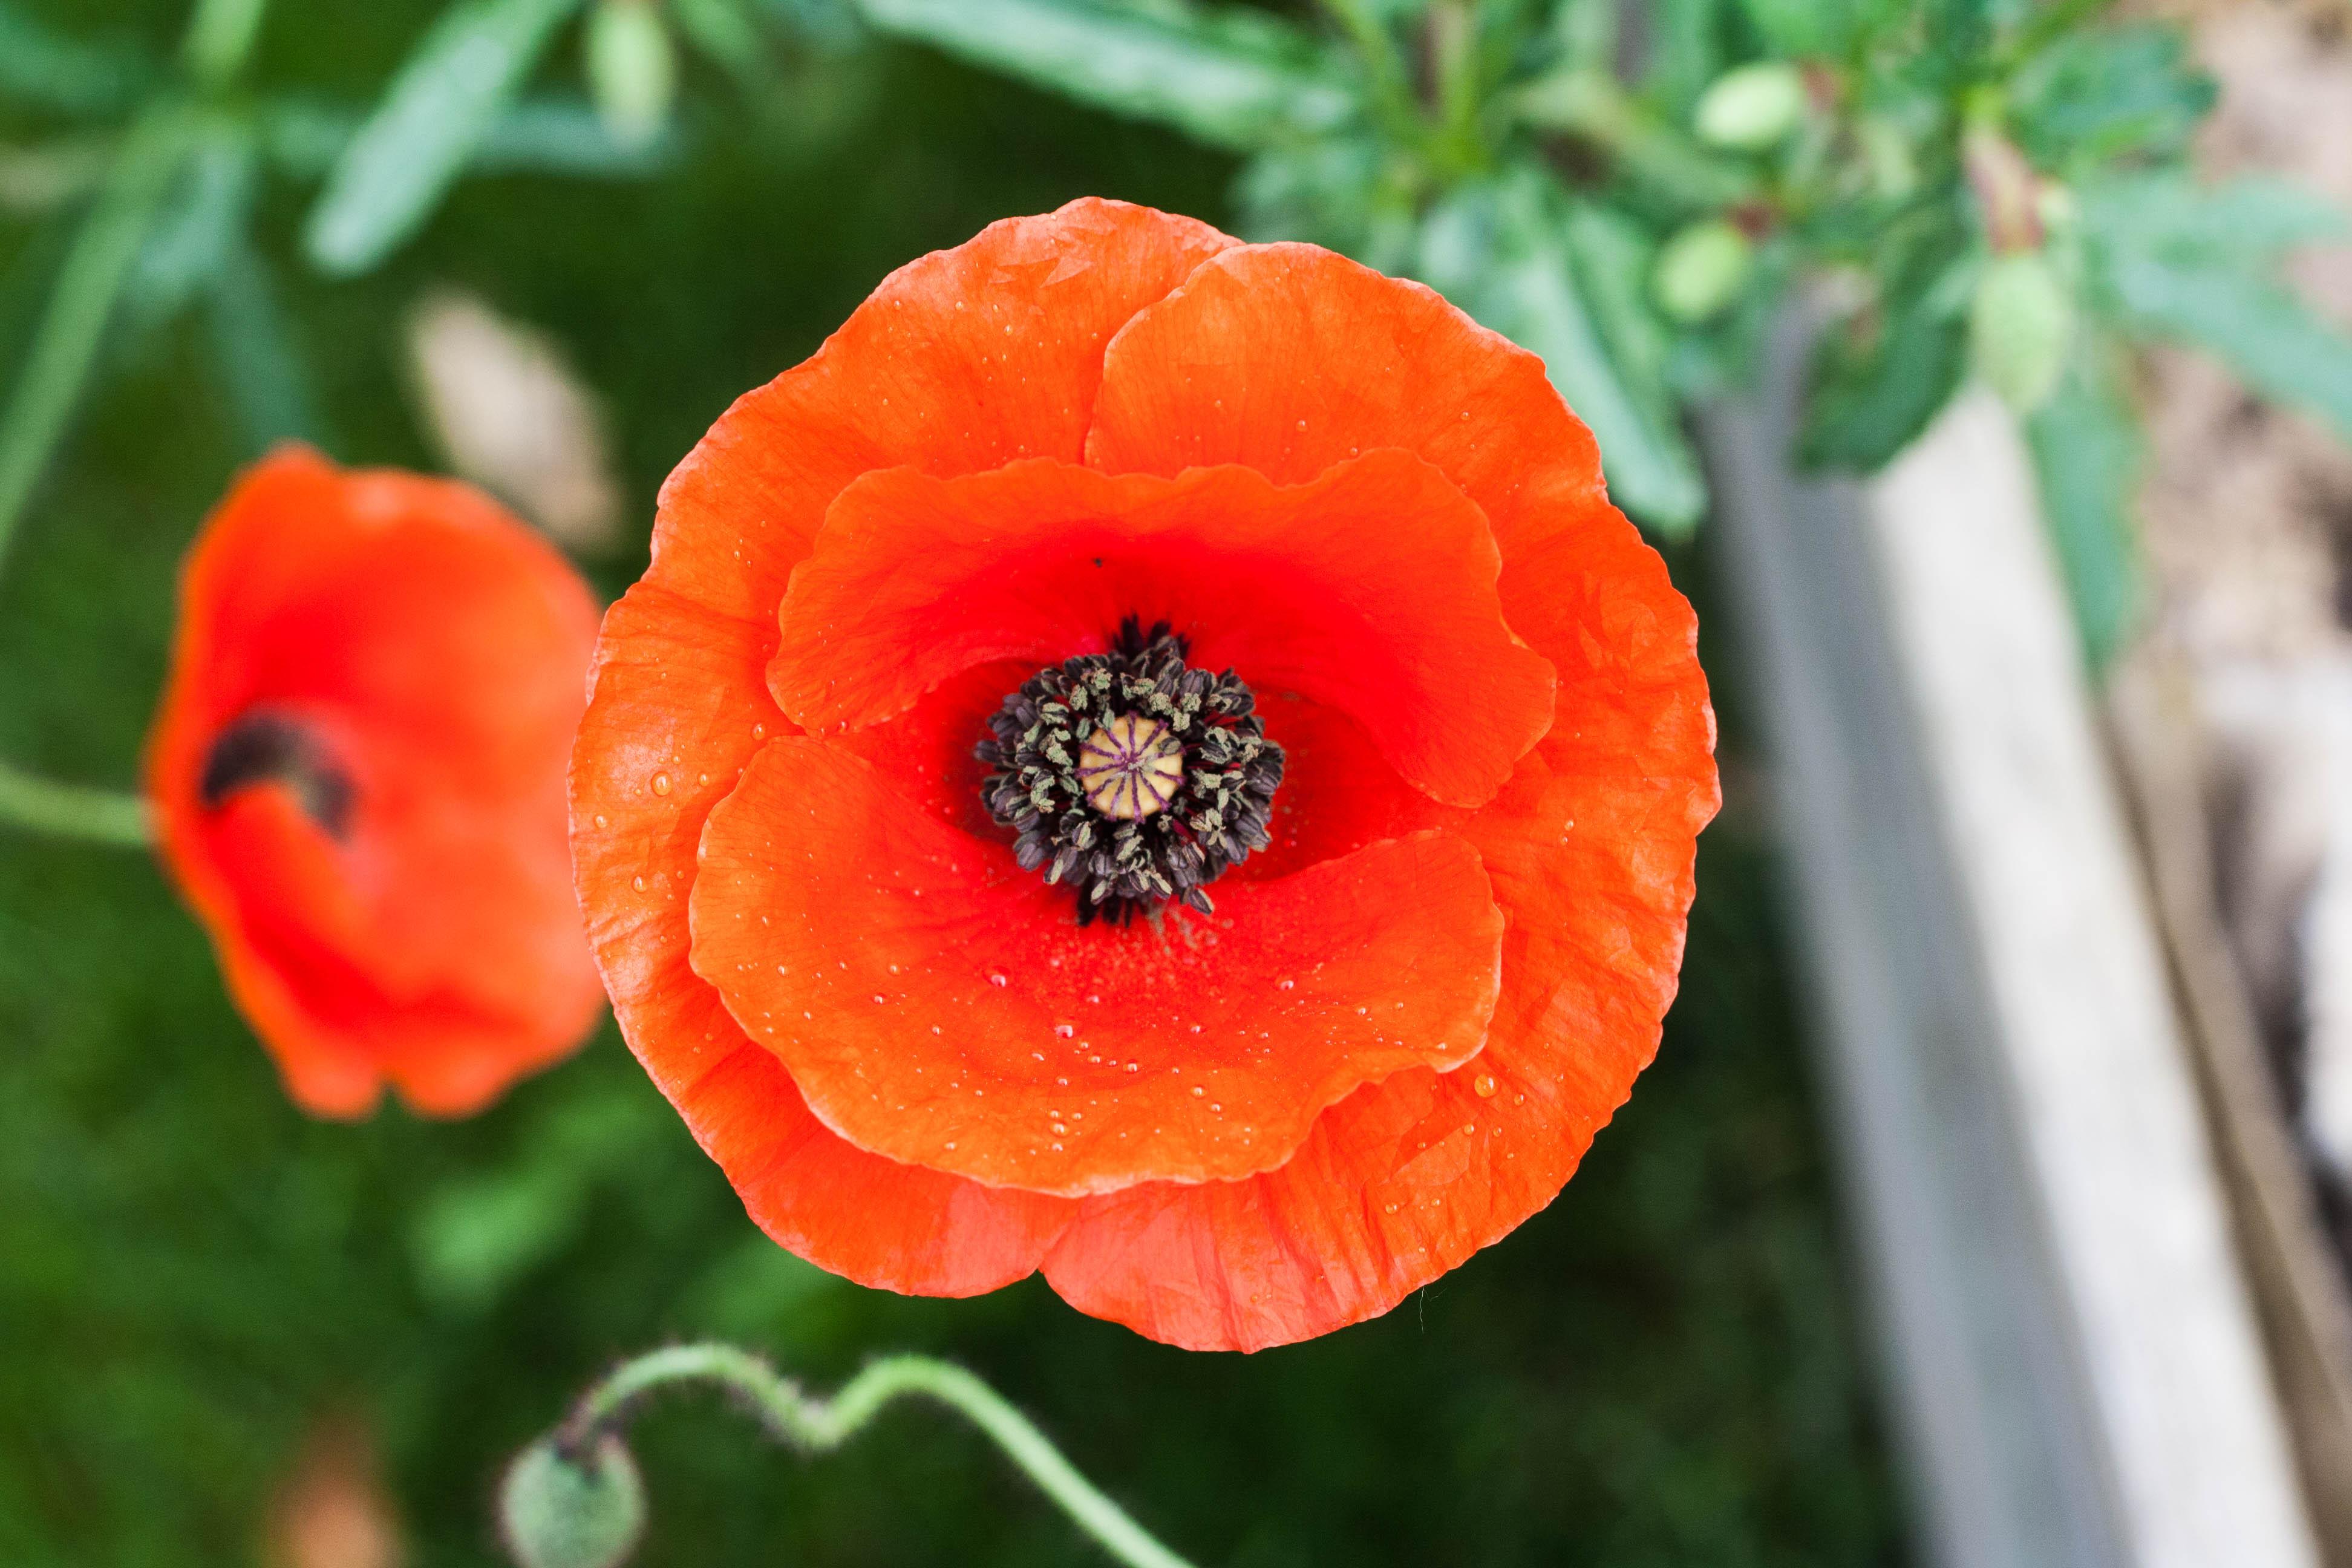 Planter Des Coquelicots Dans Son Jardin ces coquelicots qui m'inspirent, du salon à l'atelier!